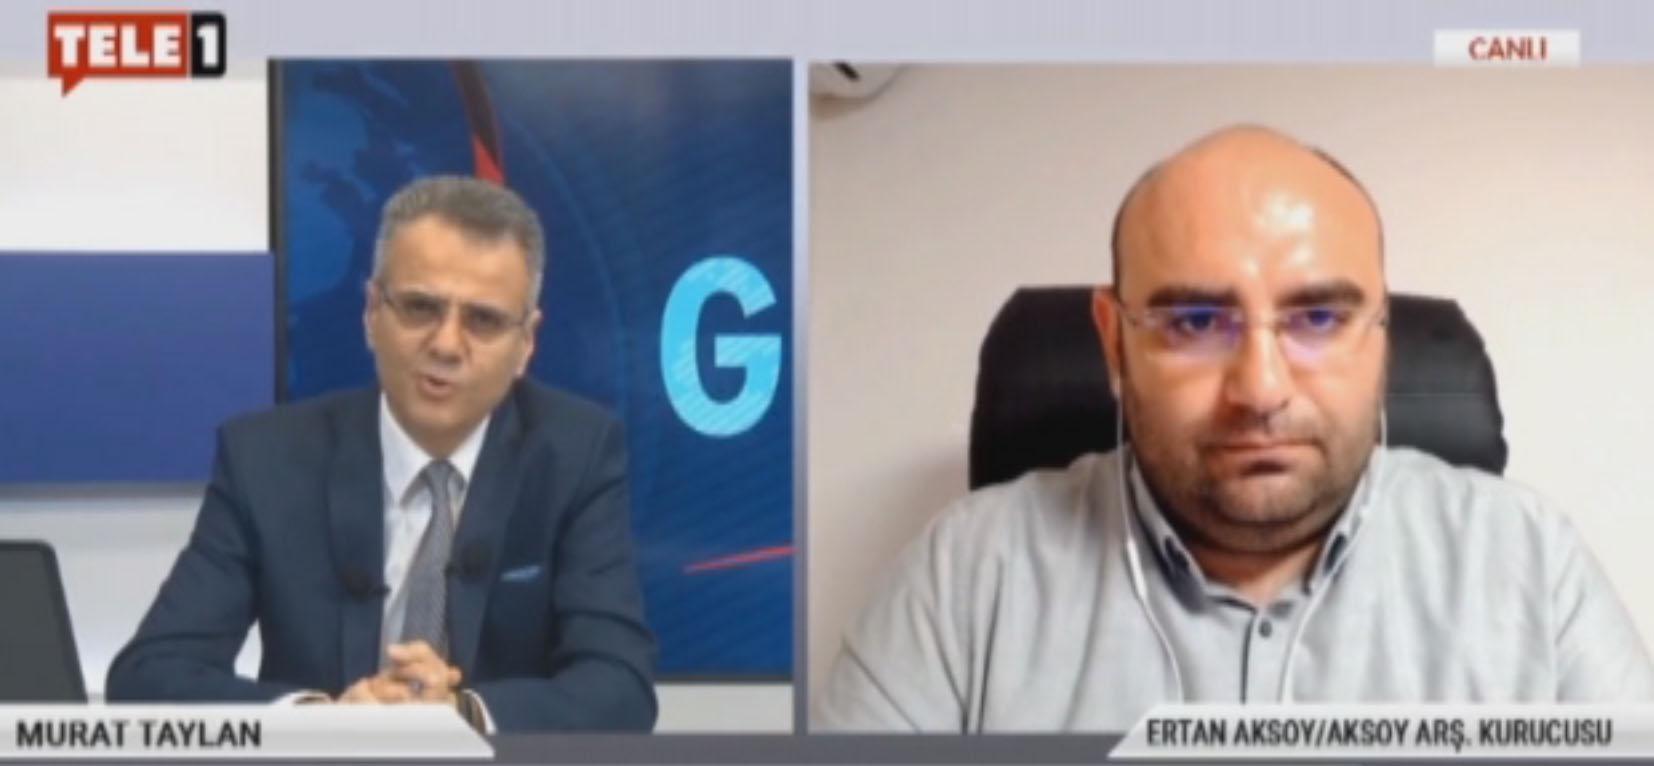 AKP seçmeni de YKS tarihinin değişmesinden rahatsız olmuş